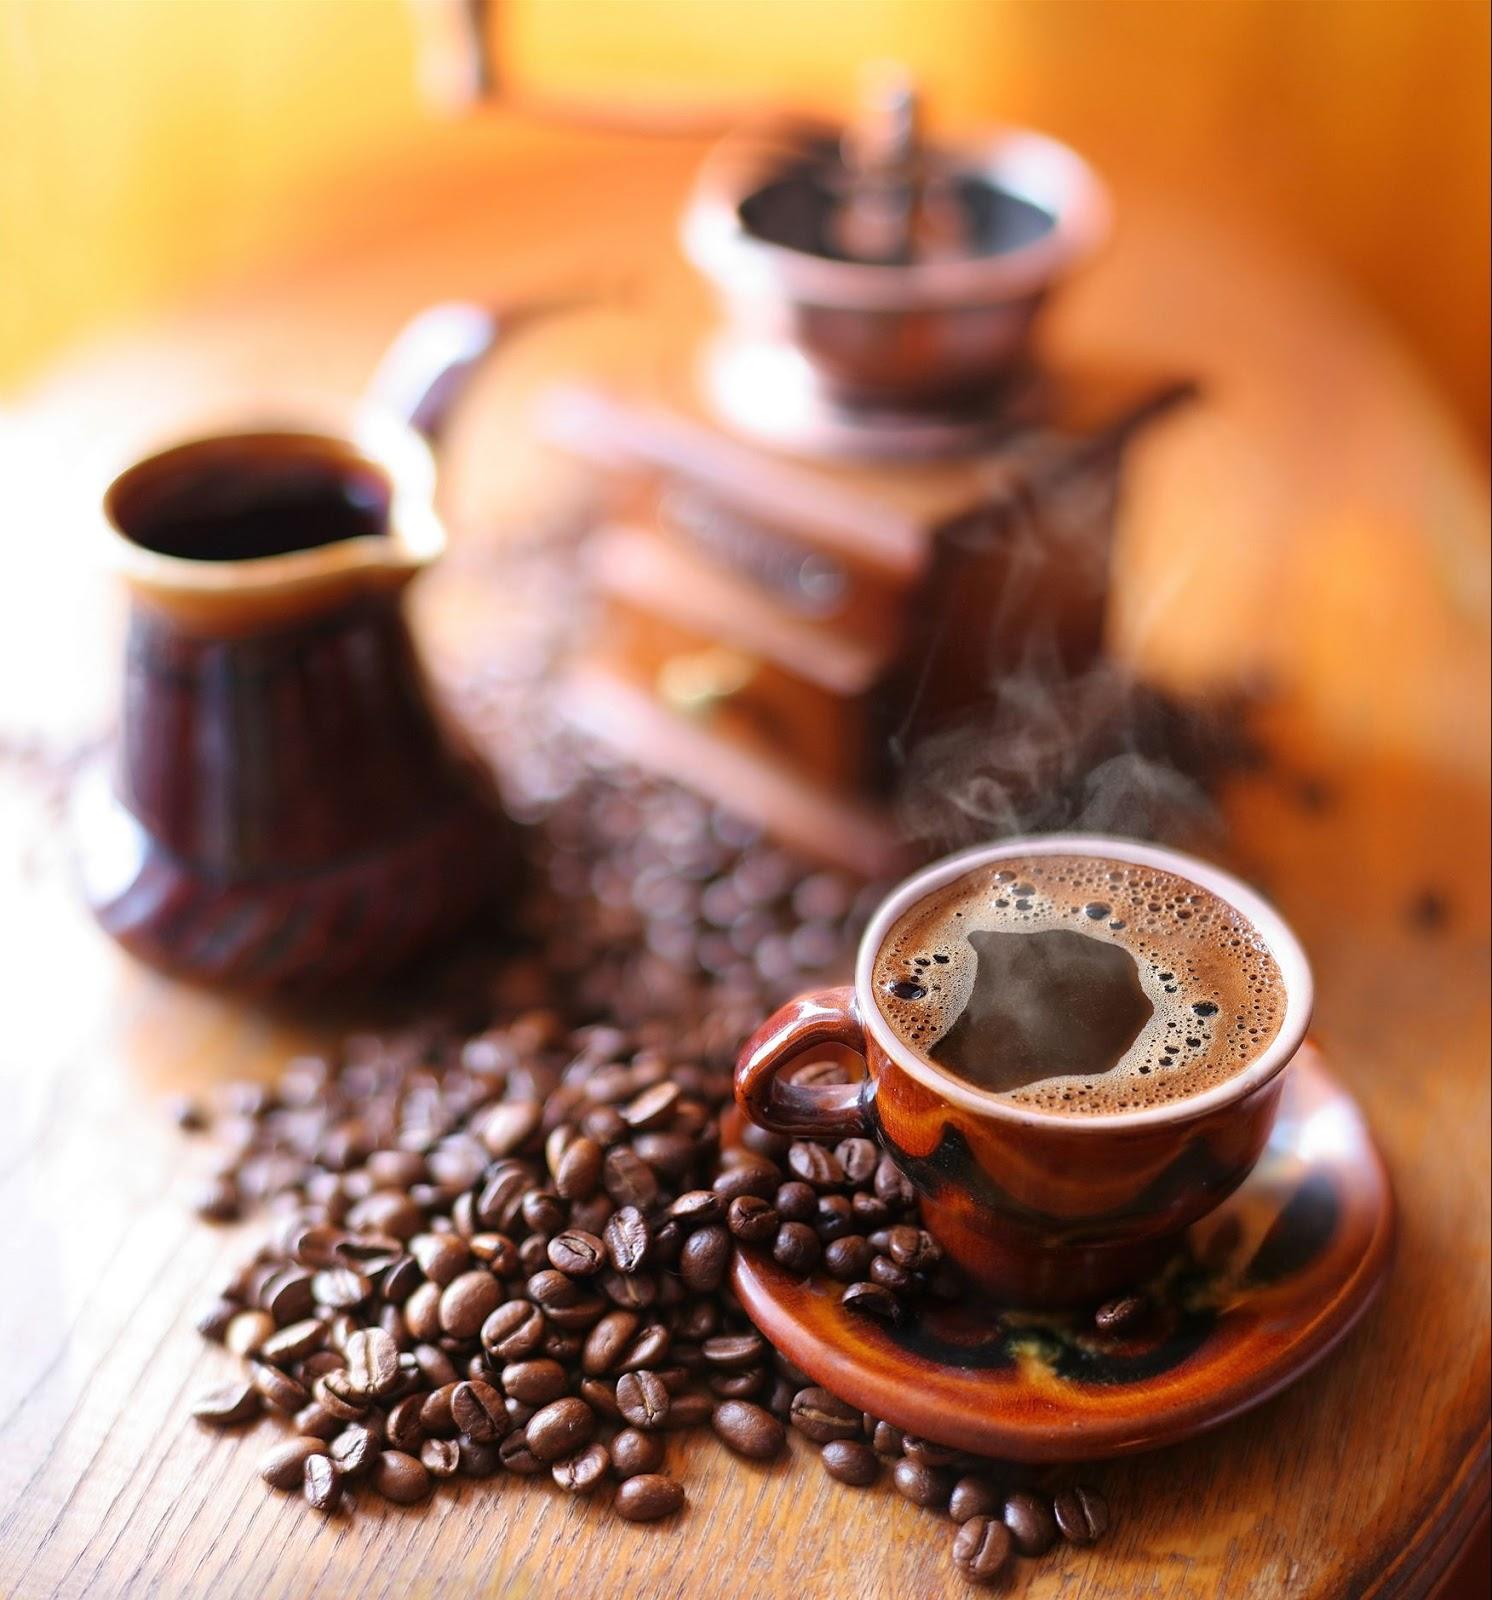 Banco de im genes 9 fotograf as de caf en grano en for Decoracion con tazas de cafe